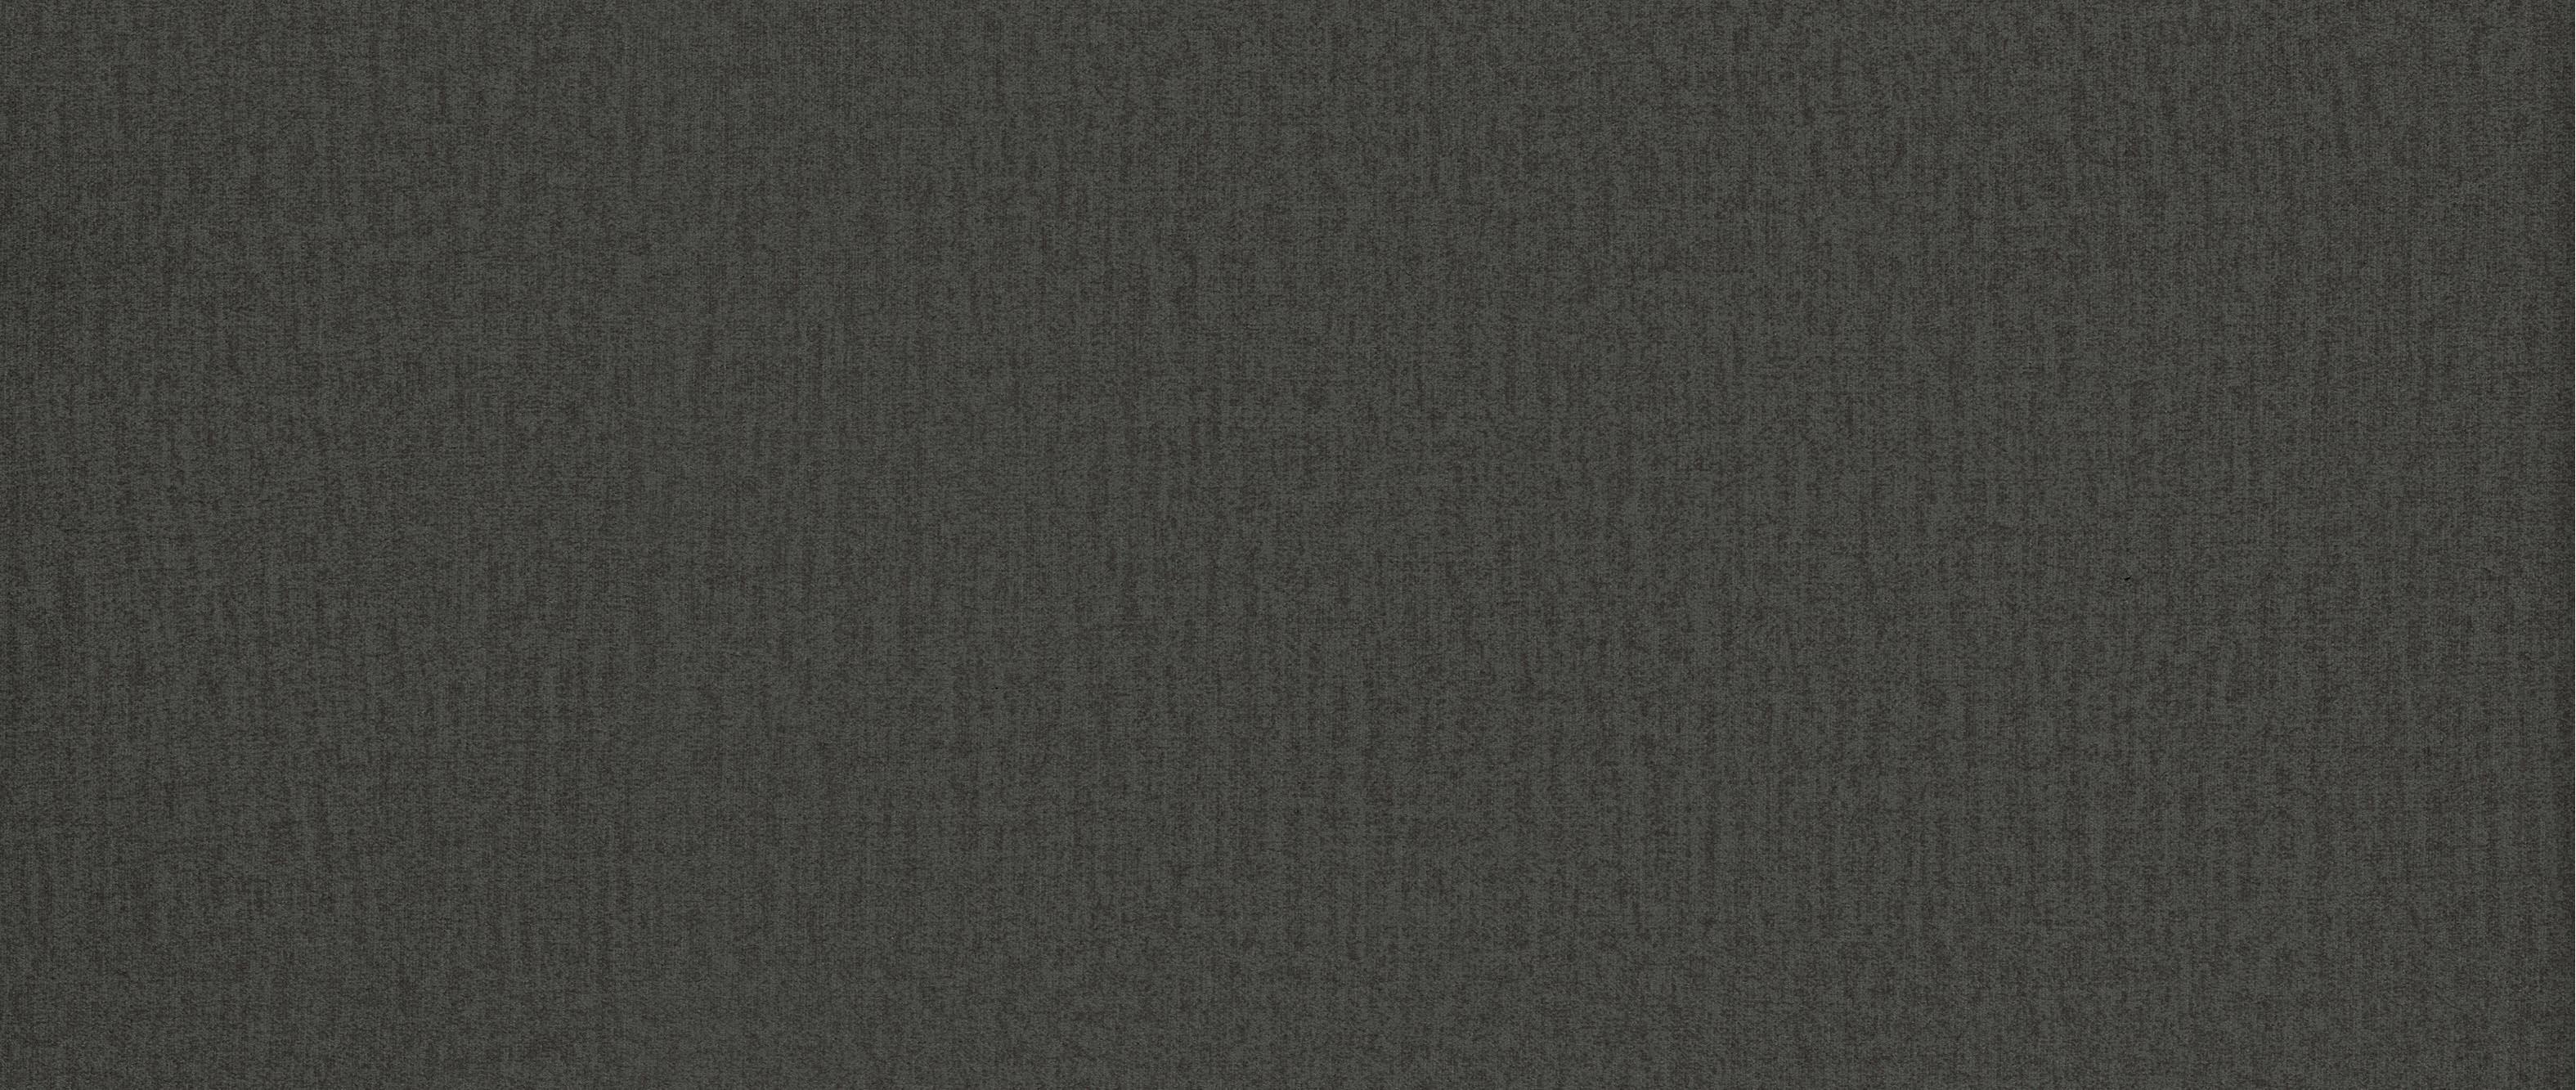 Kolor skóry: Monolith 92 tekstura